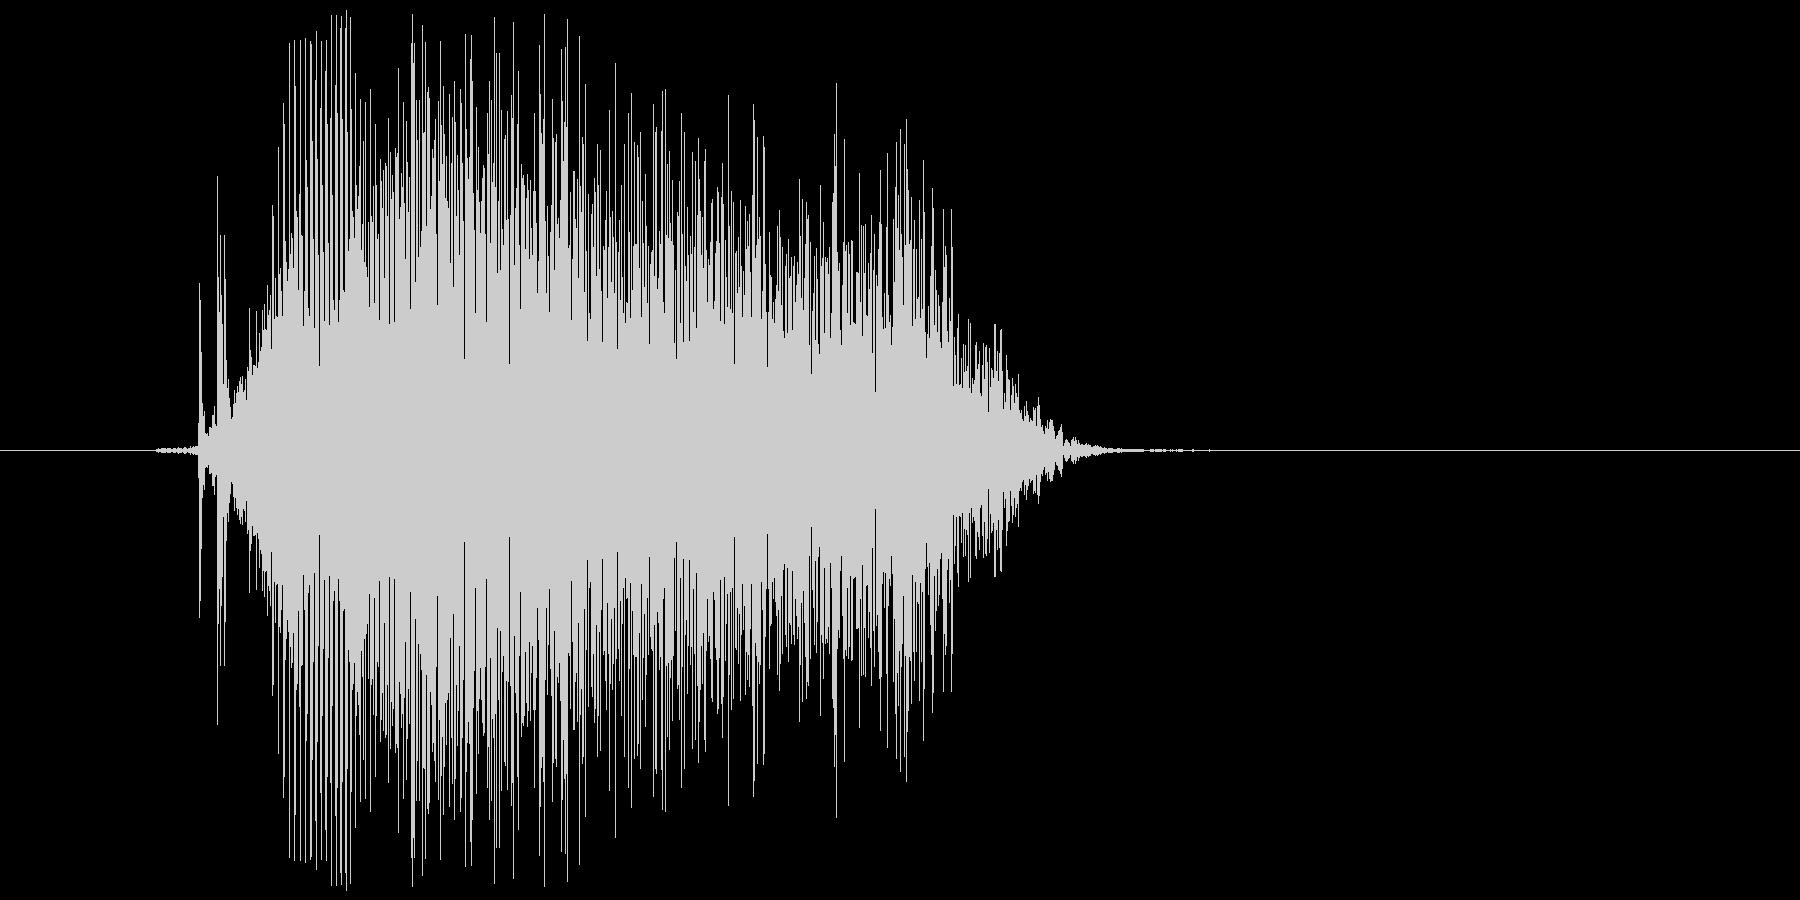 「ぐぁー」の未再生の波形